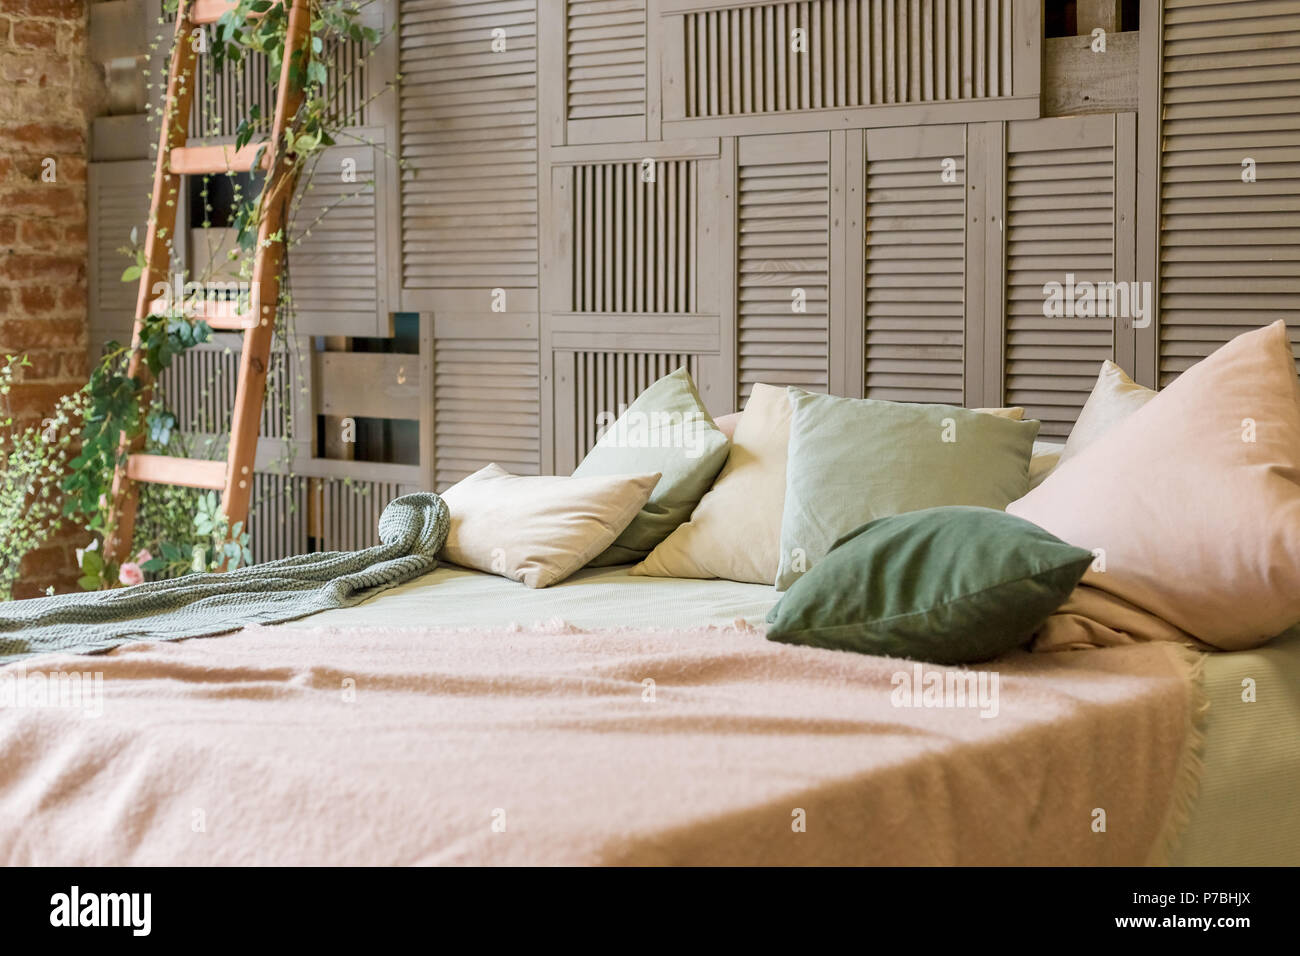 Pareti Rosa Camera Da Letto : Accoglienti colori pastello camera da letto marrone con pareti in